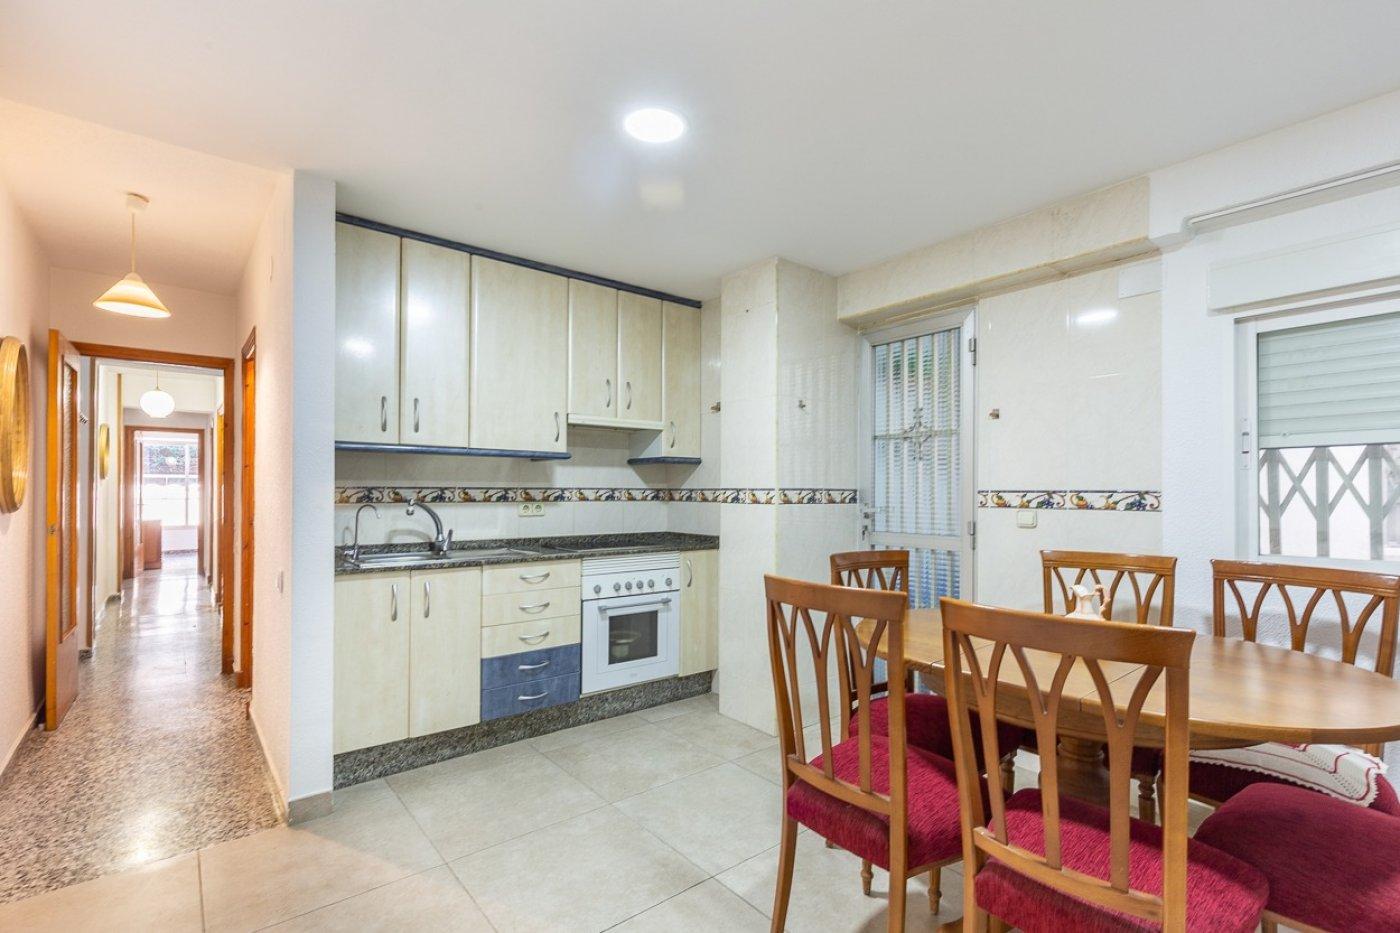 Piso de 2 dormitorios (3 de origen), en pleno centro de Benidorm. A 500 metros de la playa. 25